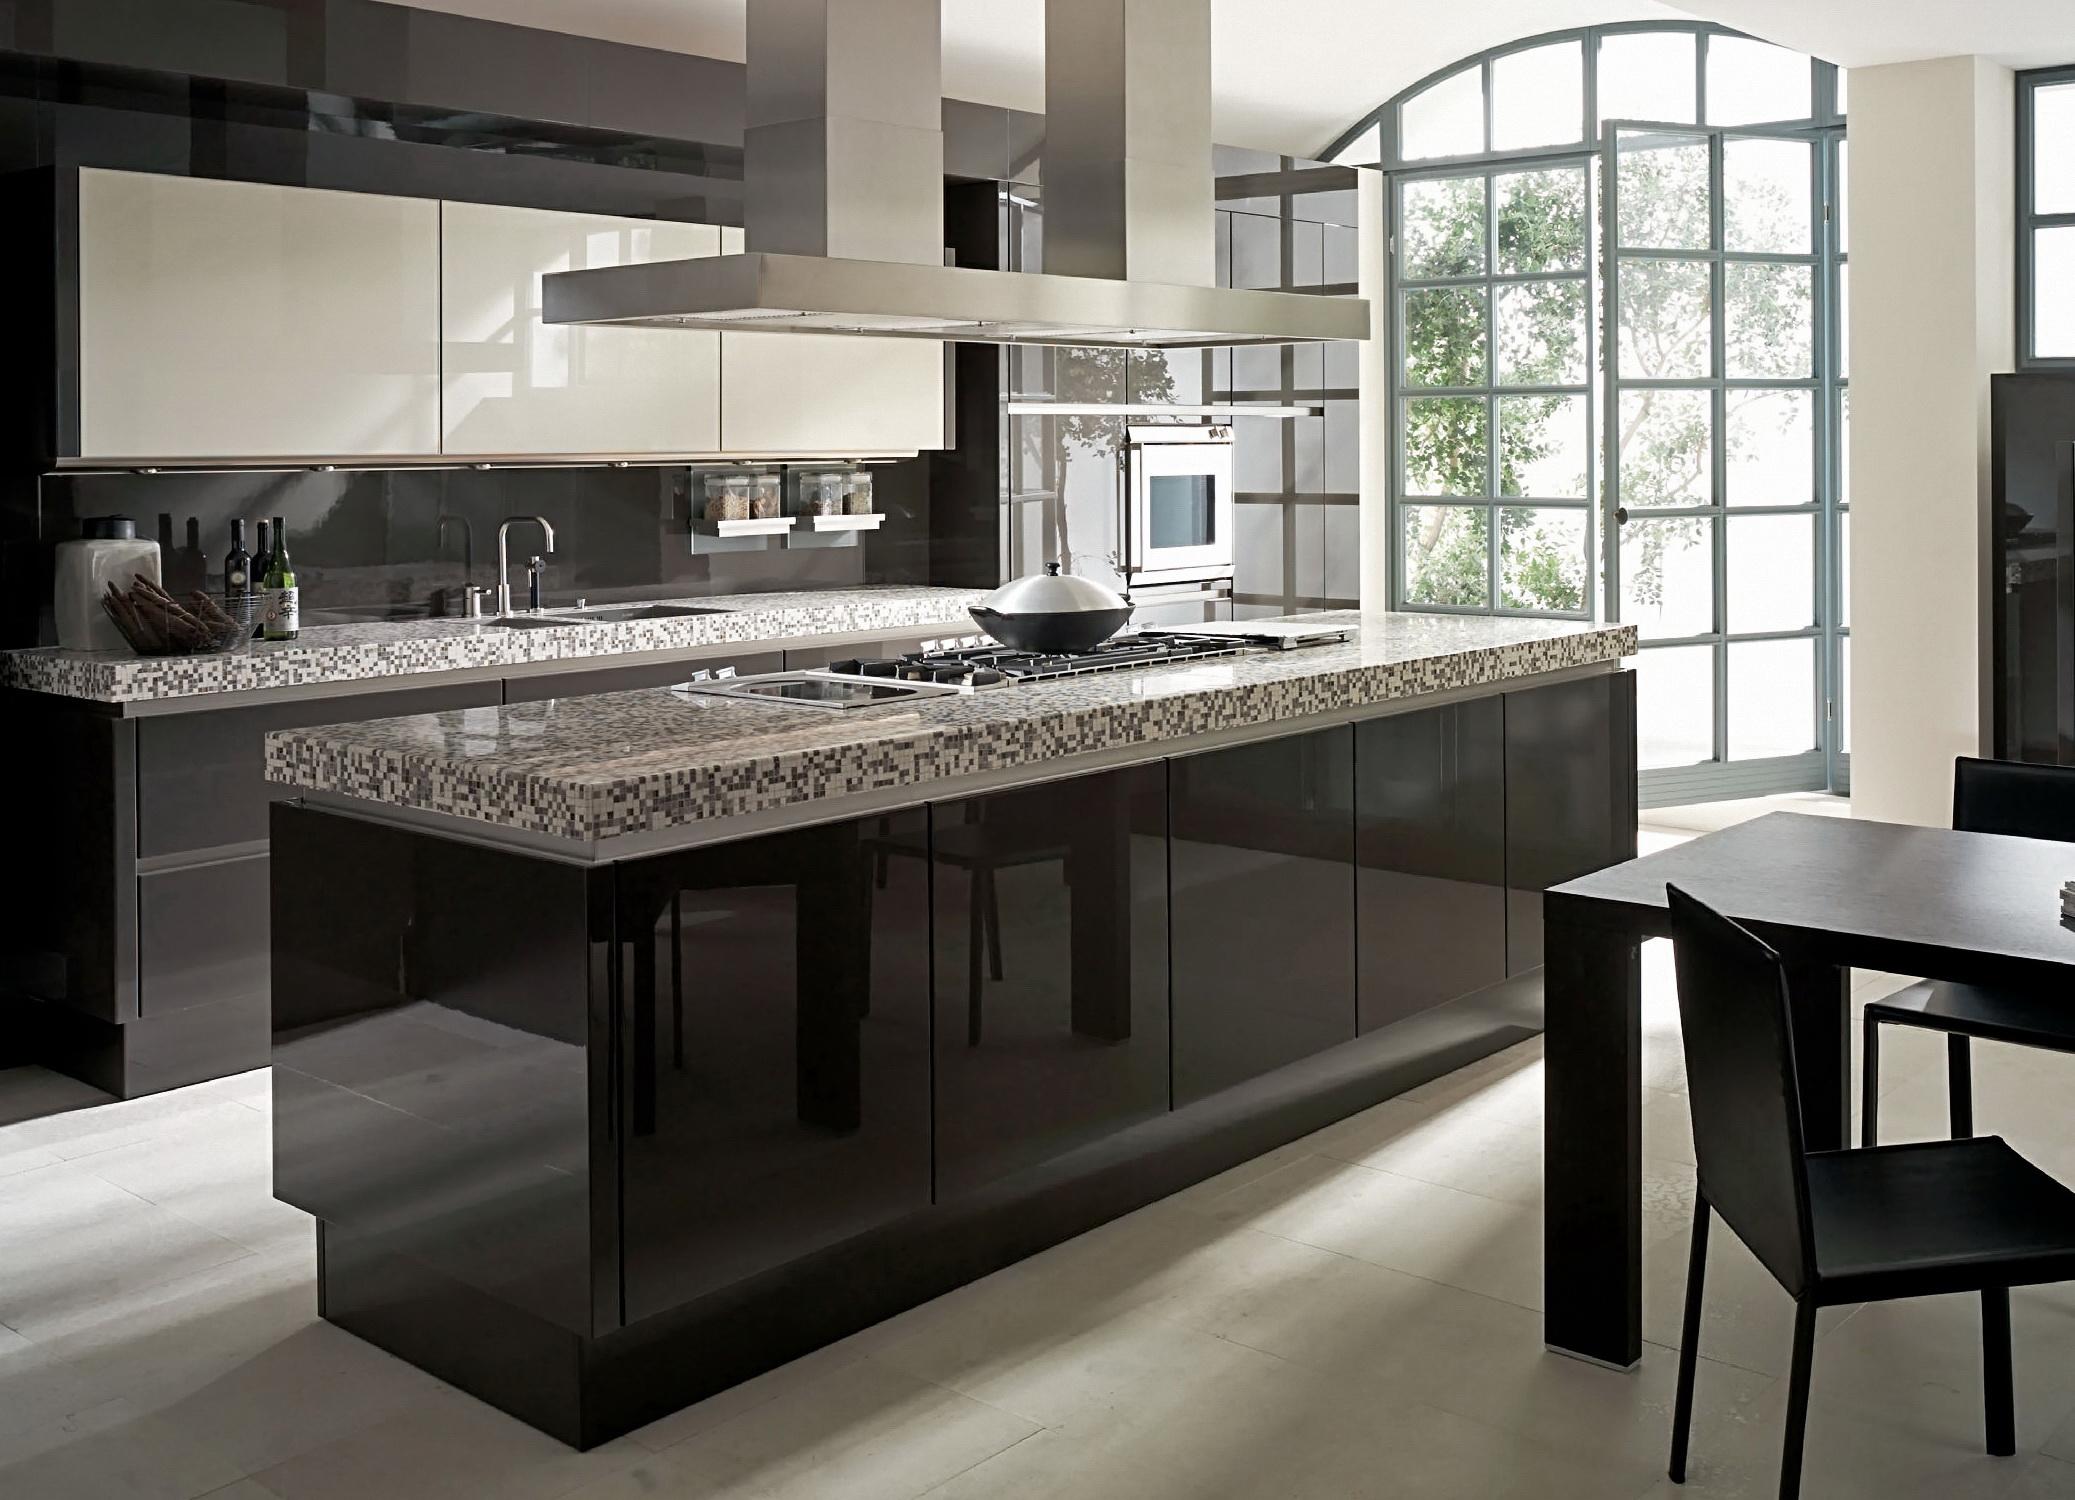 design de bucătărie în stil minimalism